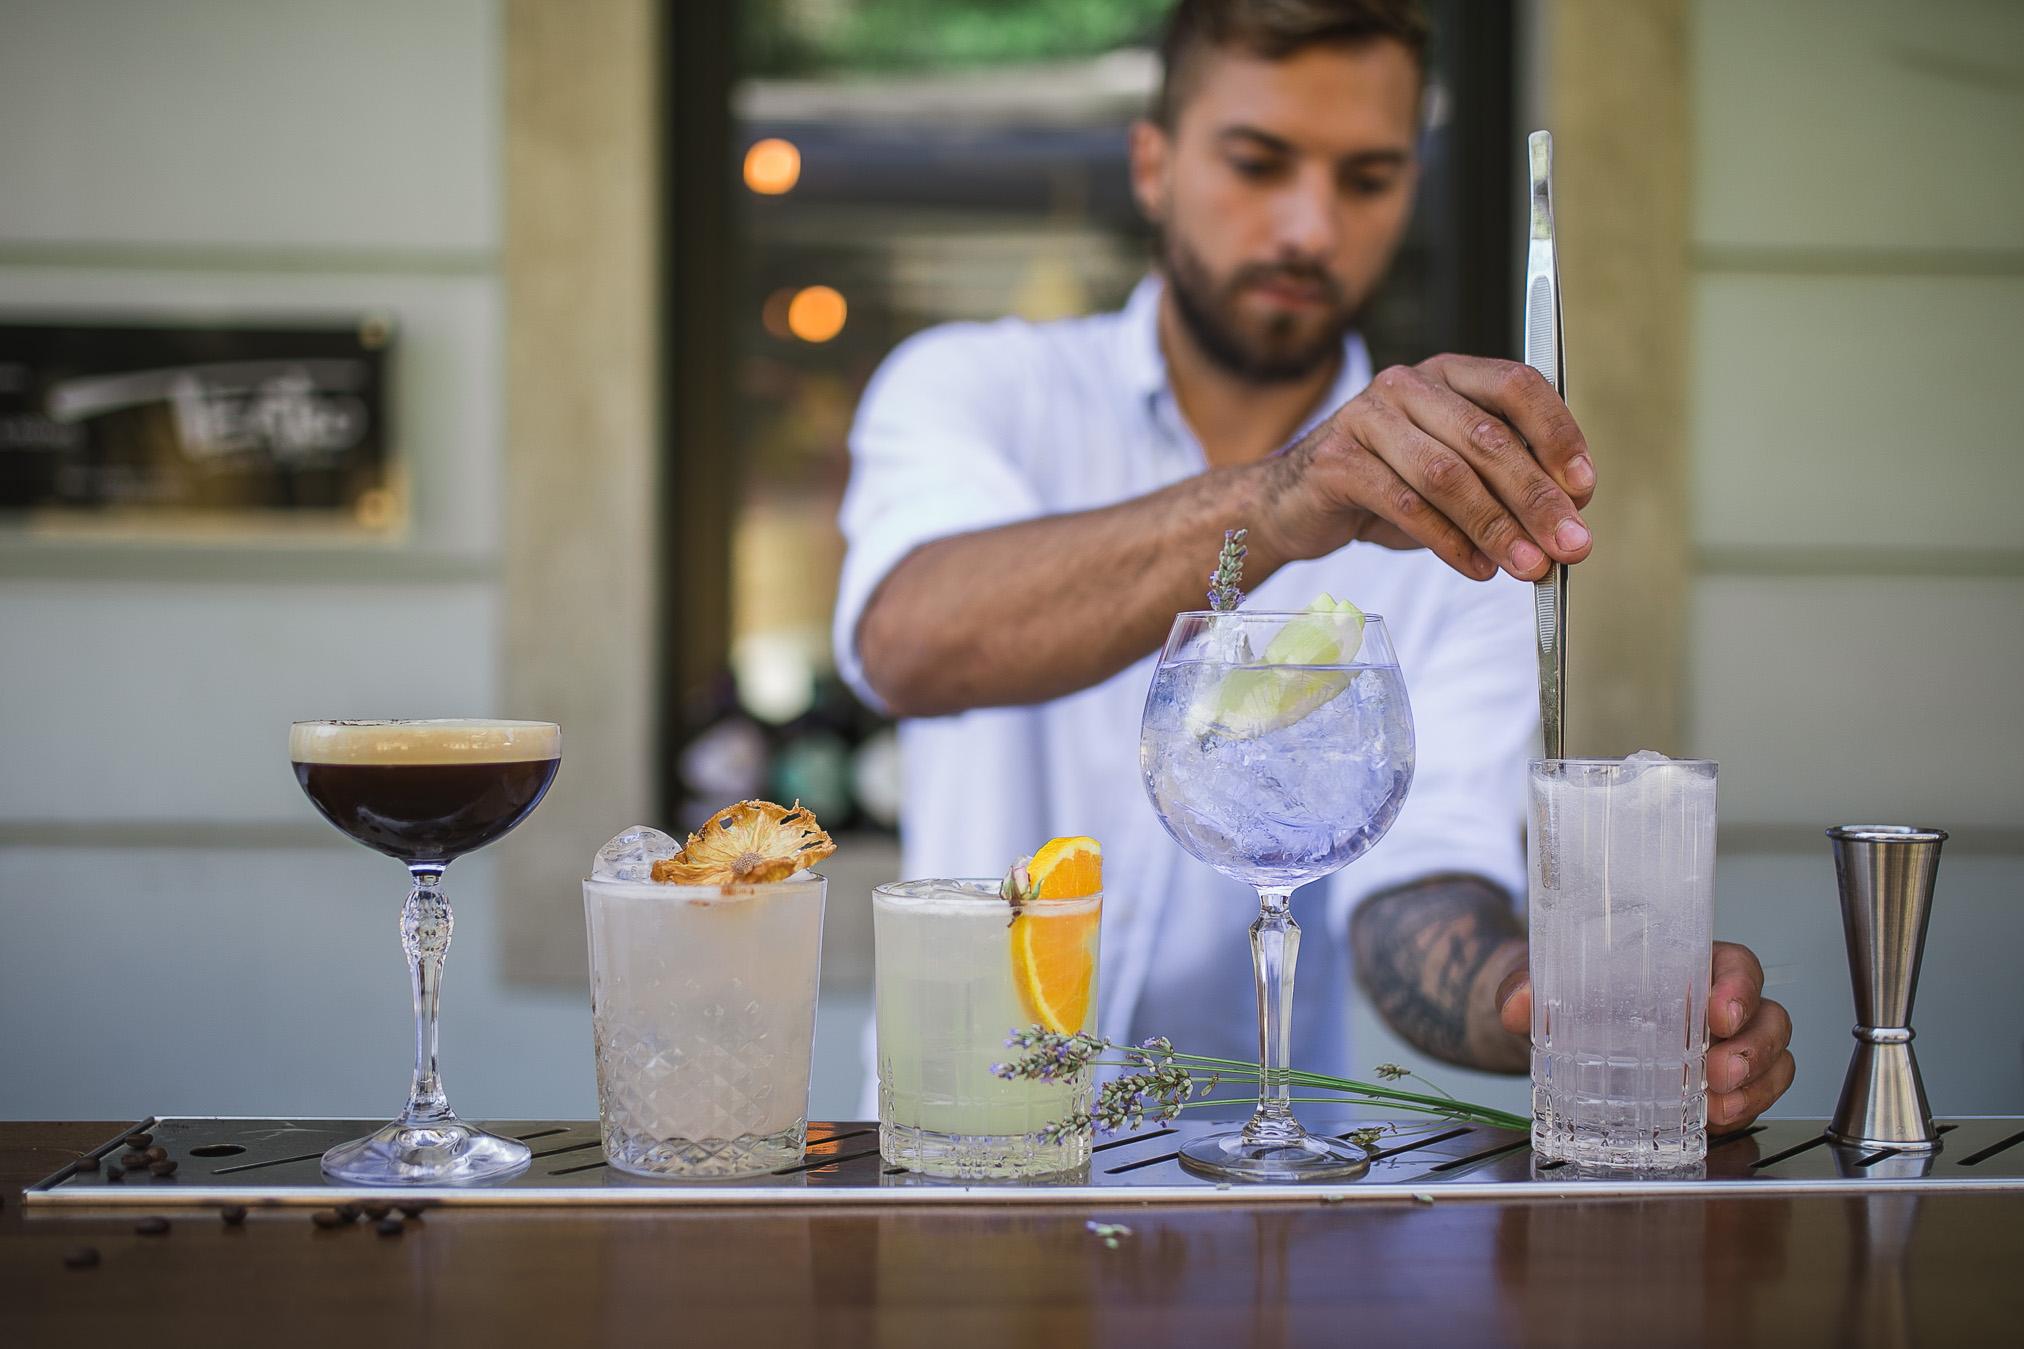 Teatro degustacijski cocktail meni četvrtkom novi je hit u Rijeci!